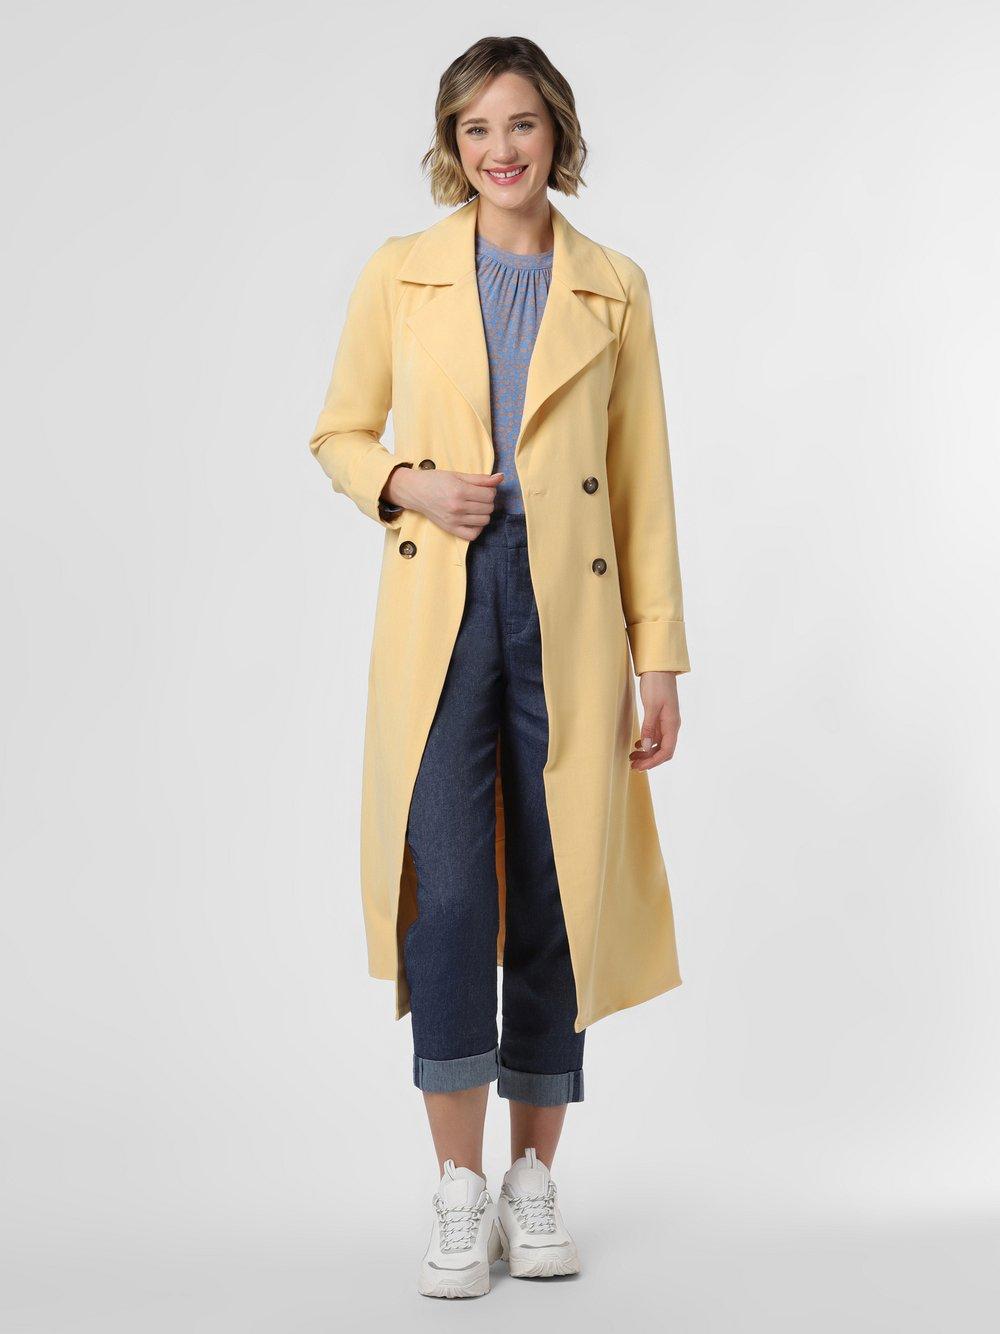 Y.A.S – Płaszcz damski – Yasclarina, żółty Van Graaf 469172-0001-09920